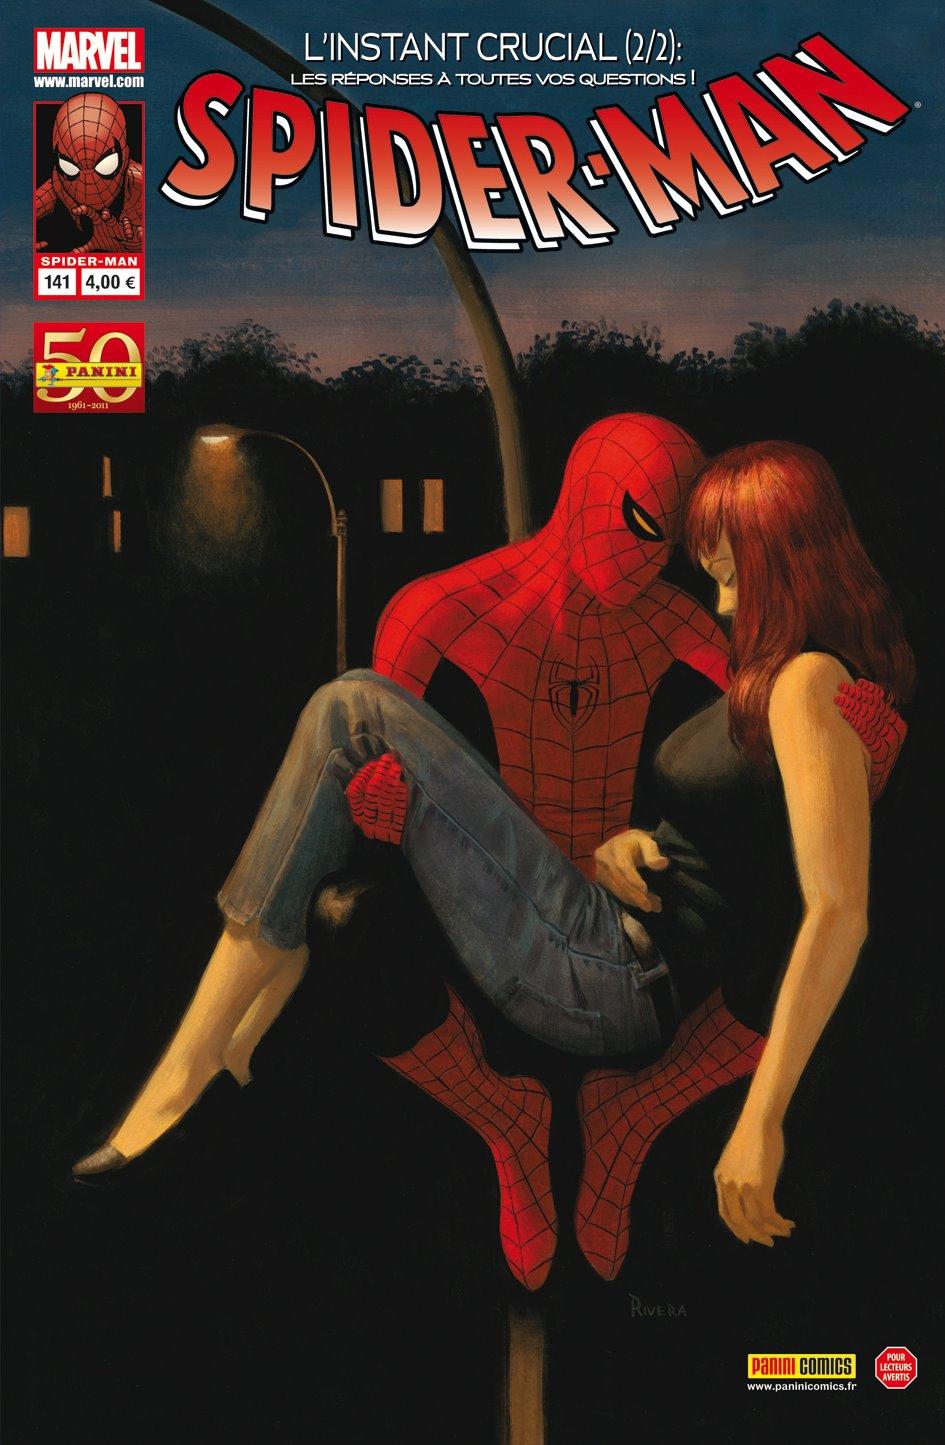 Spider-Man (revue) – V 2, T141 : L'instant crucial (2/2) (0), comics chez Panini Comics de Quesada, Van Lente, Fiumara, Rivera, Hollowell, Isanove